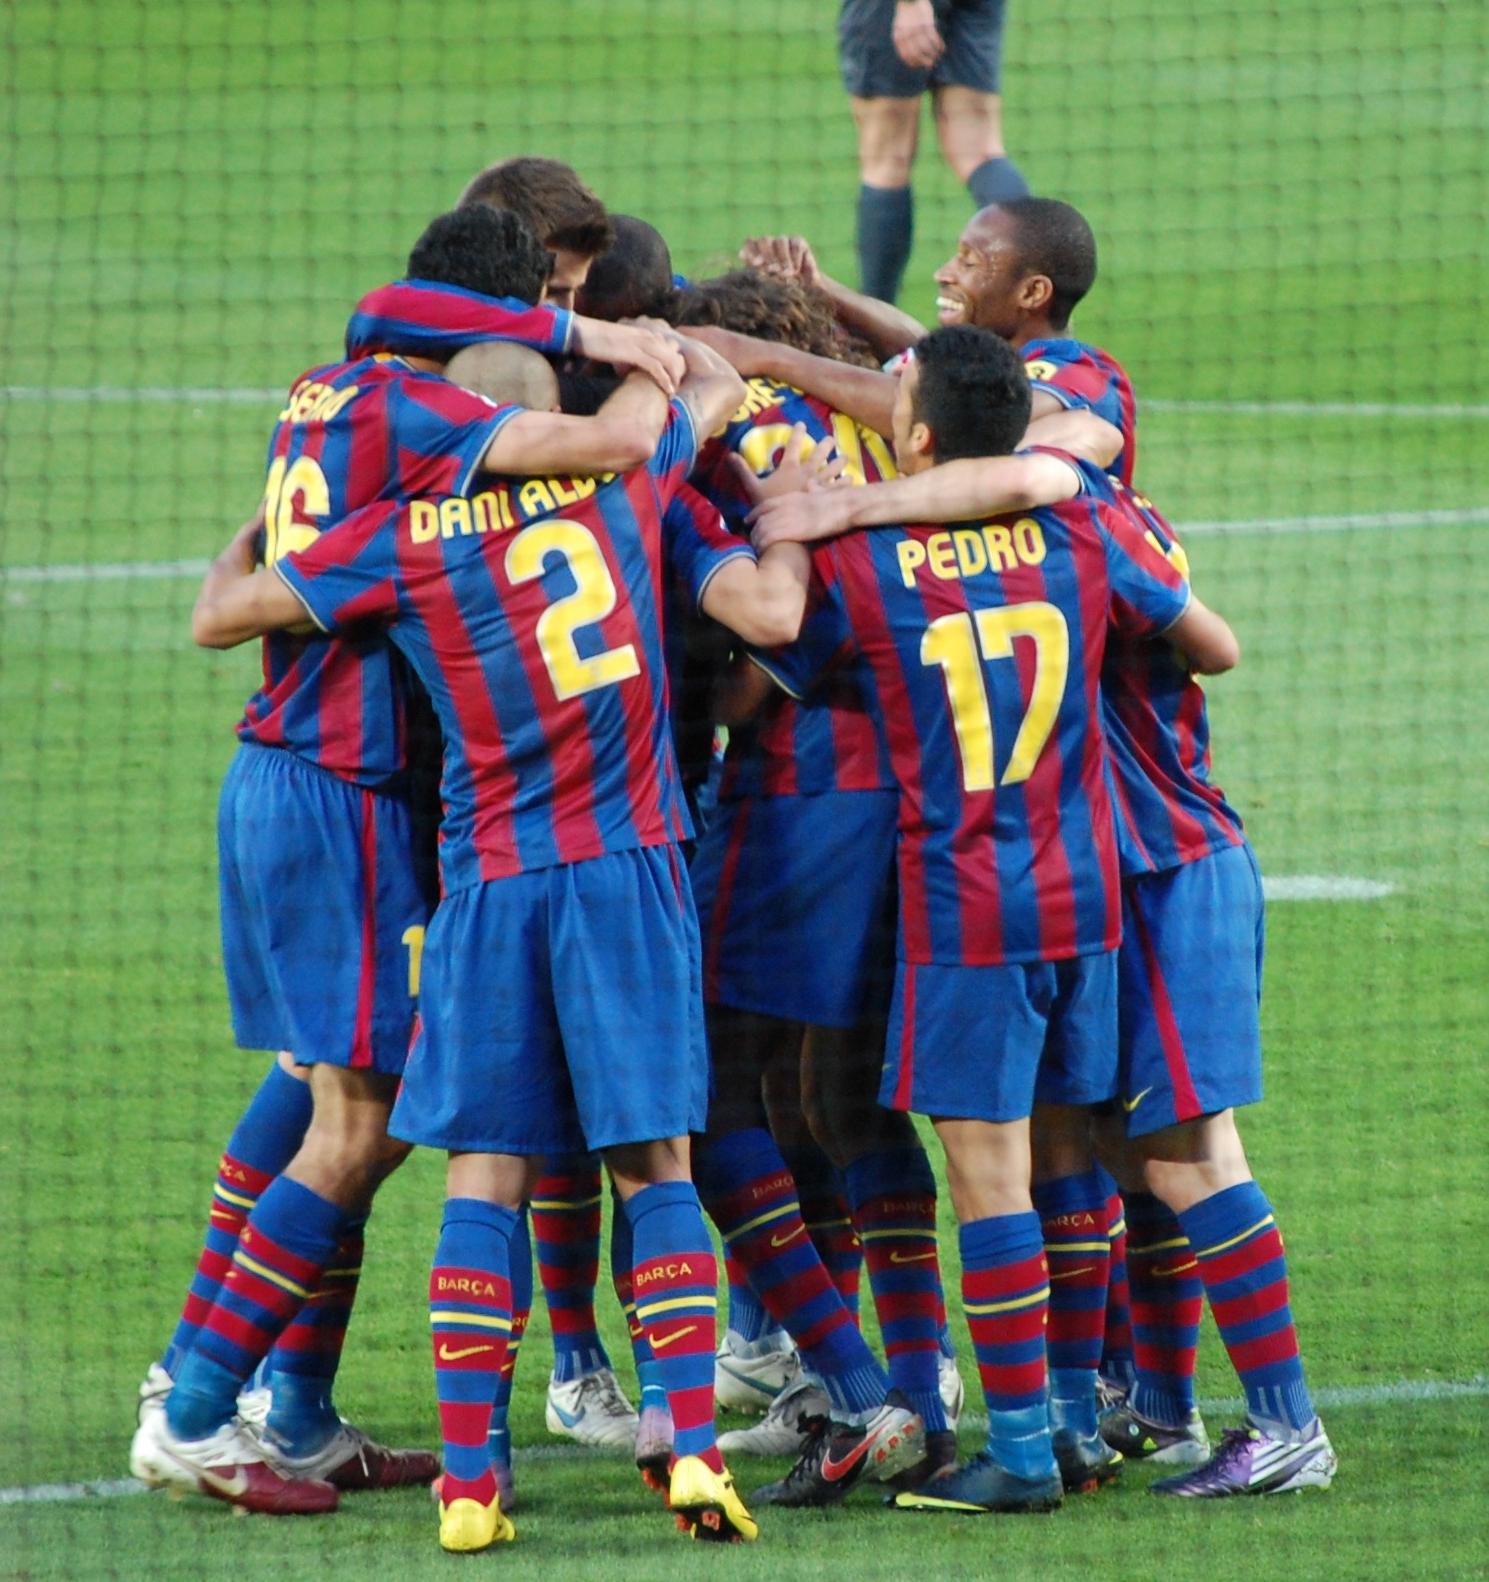 Barcelone Johan Cruyff9 Jerse Cruyff9 Accueil Barcelone Johan Accueil Jerse SVUqpzMG